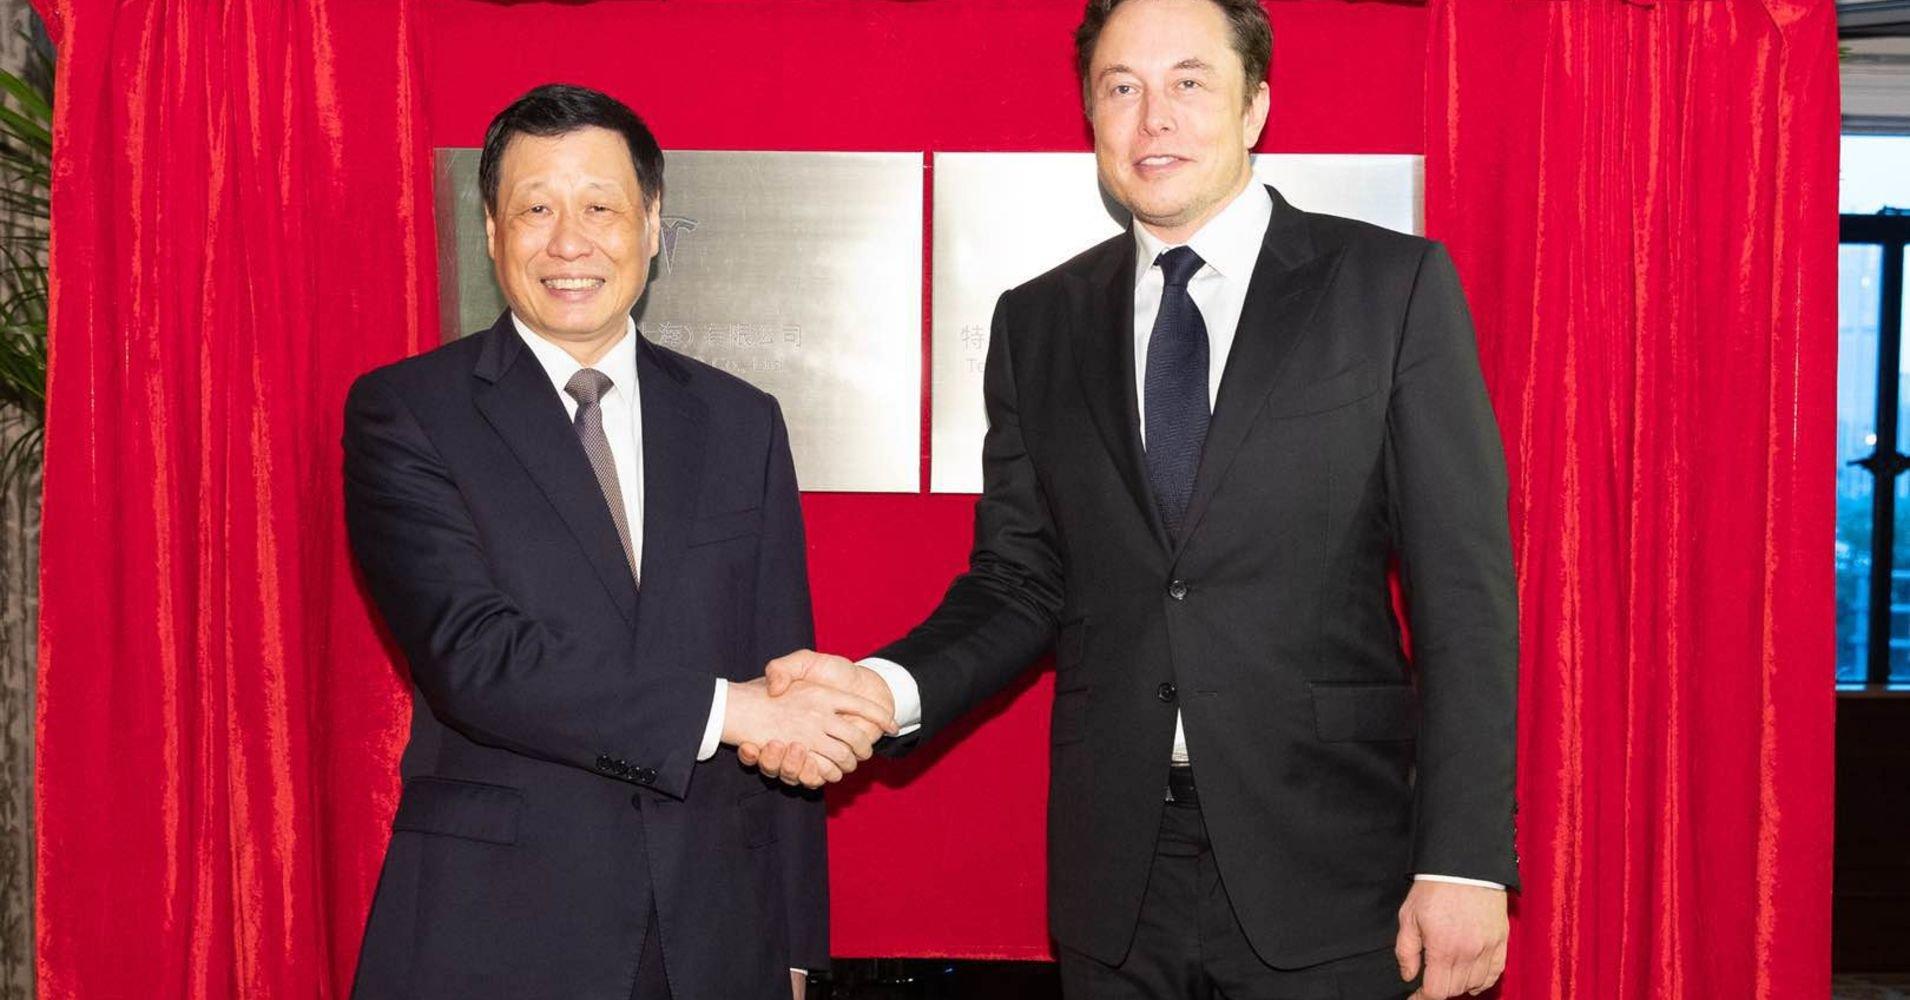 Tesla et la Chine ont signé un accord pour implanter une Gigafactory à Shanghai